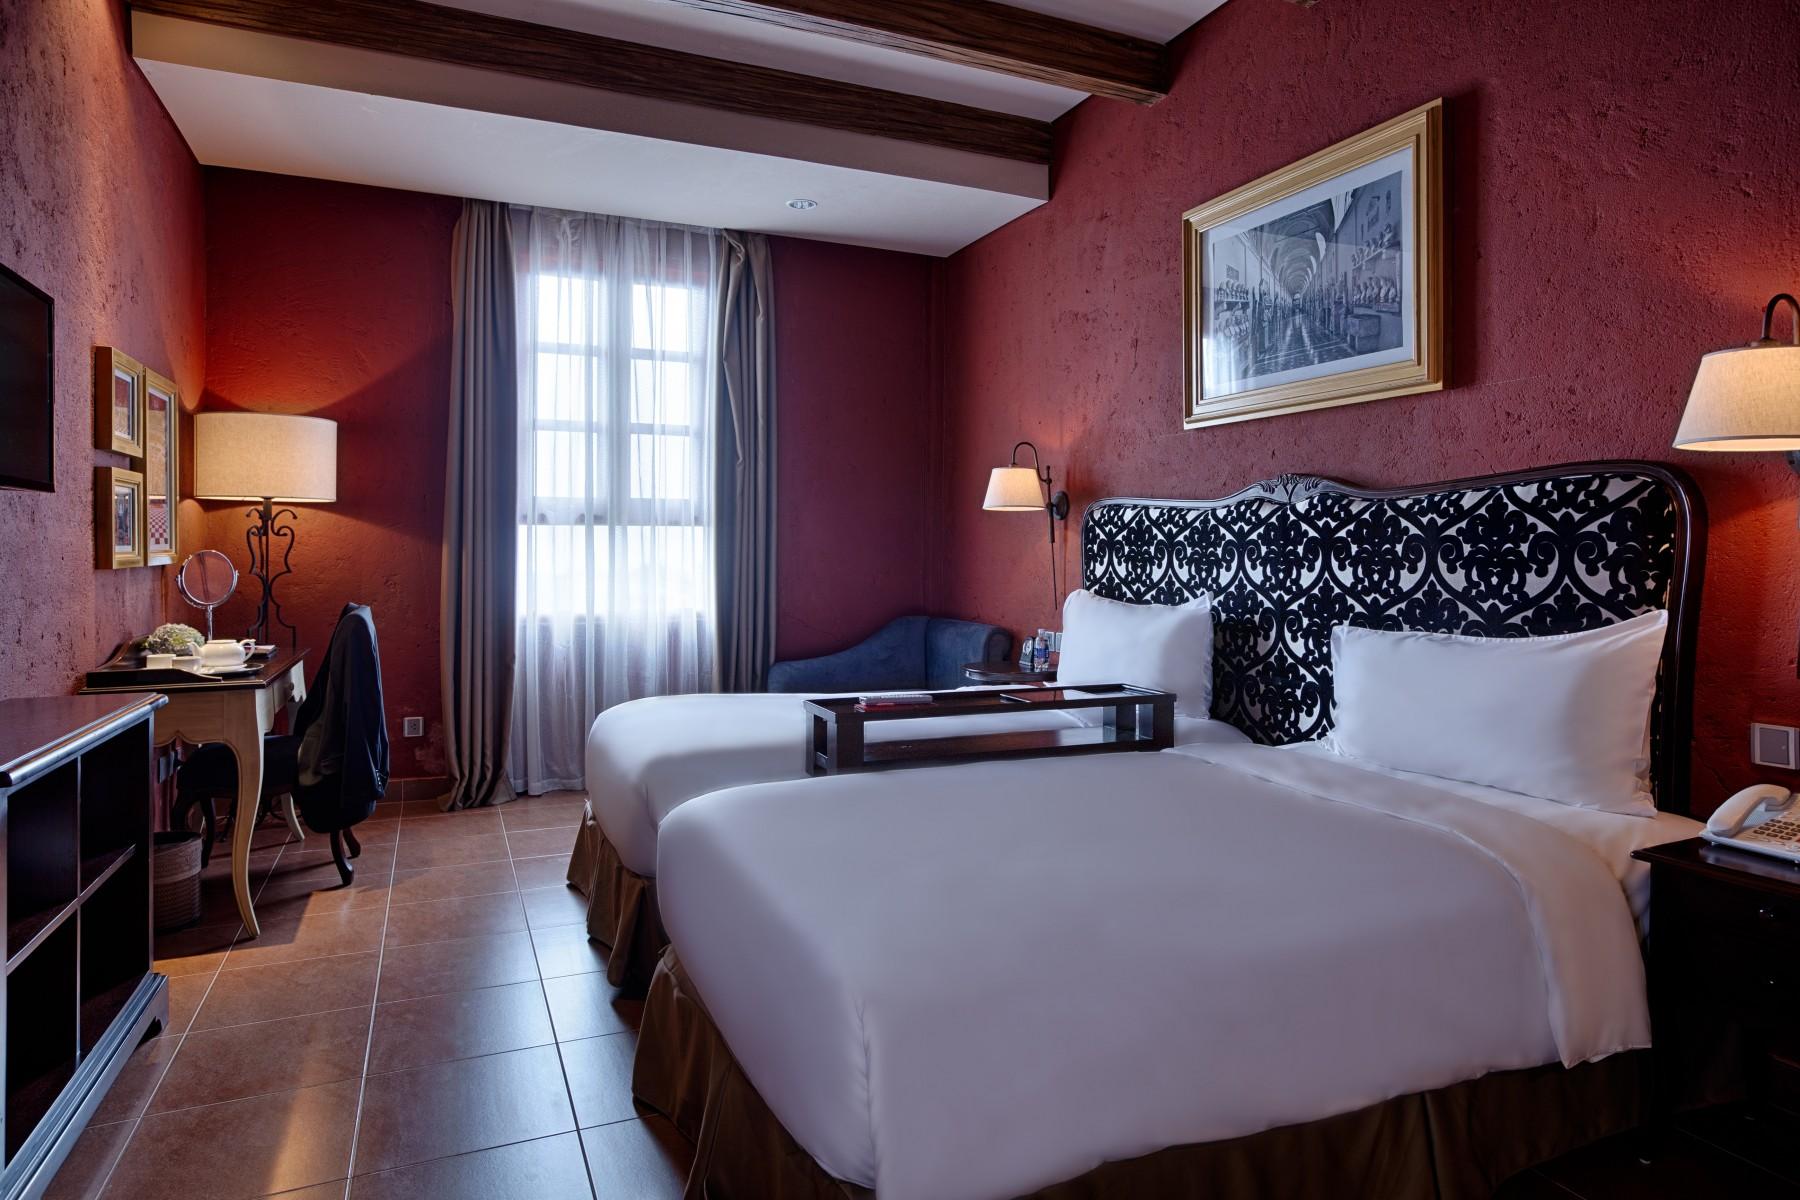 Khách Sạn Mercure Bà Nà Hills